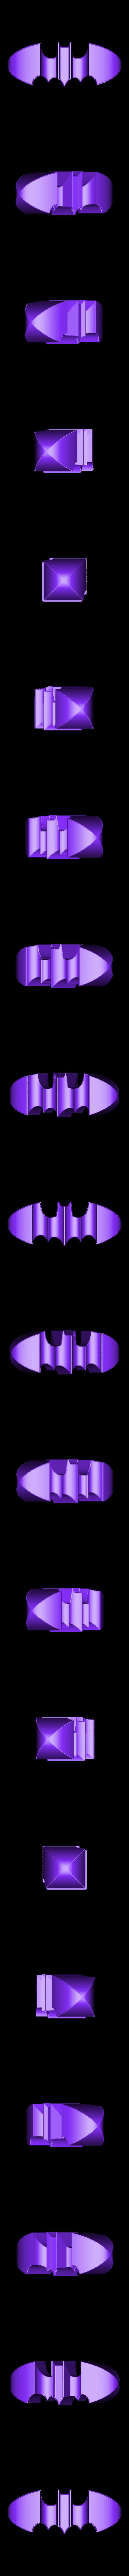 batman.stl Download free STL file Batman Logo in 3D • 3D printer design, Balkhagal4D